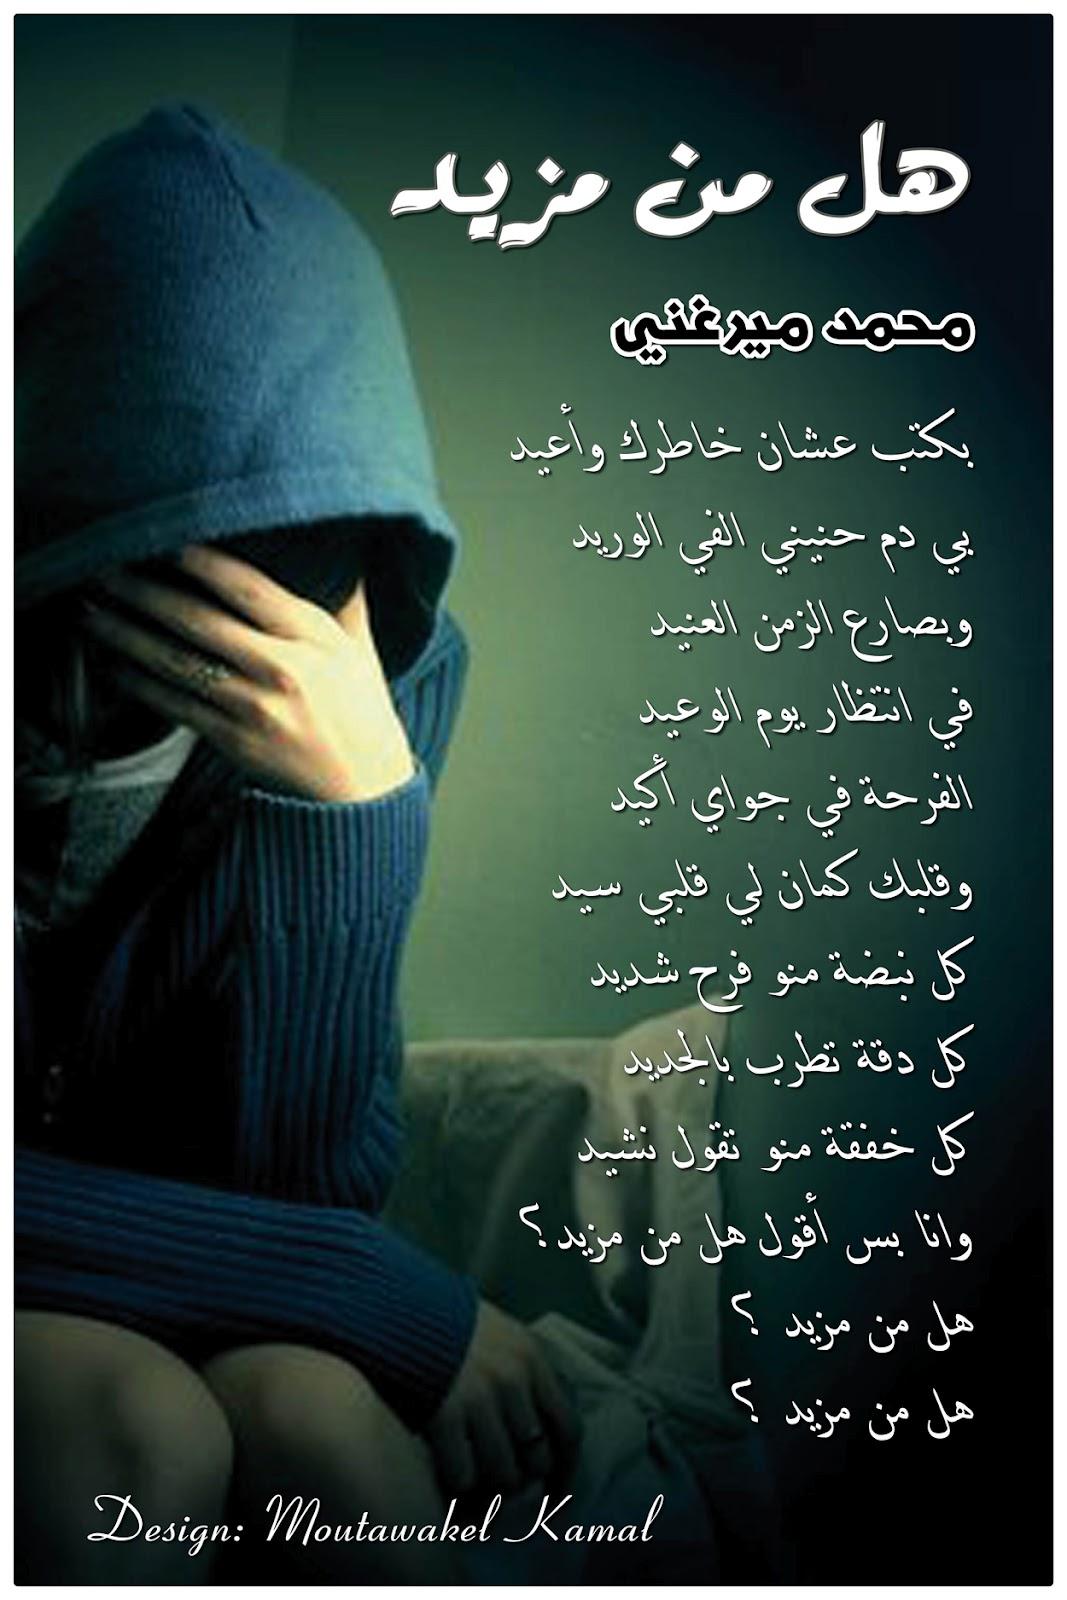 صورة ابيات شعر جميله وقصيره , اجمل ابيات الشعر العربي